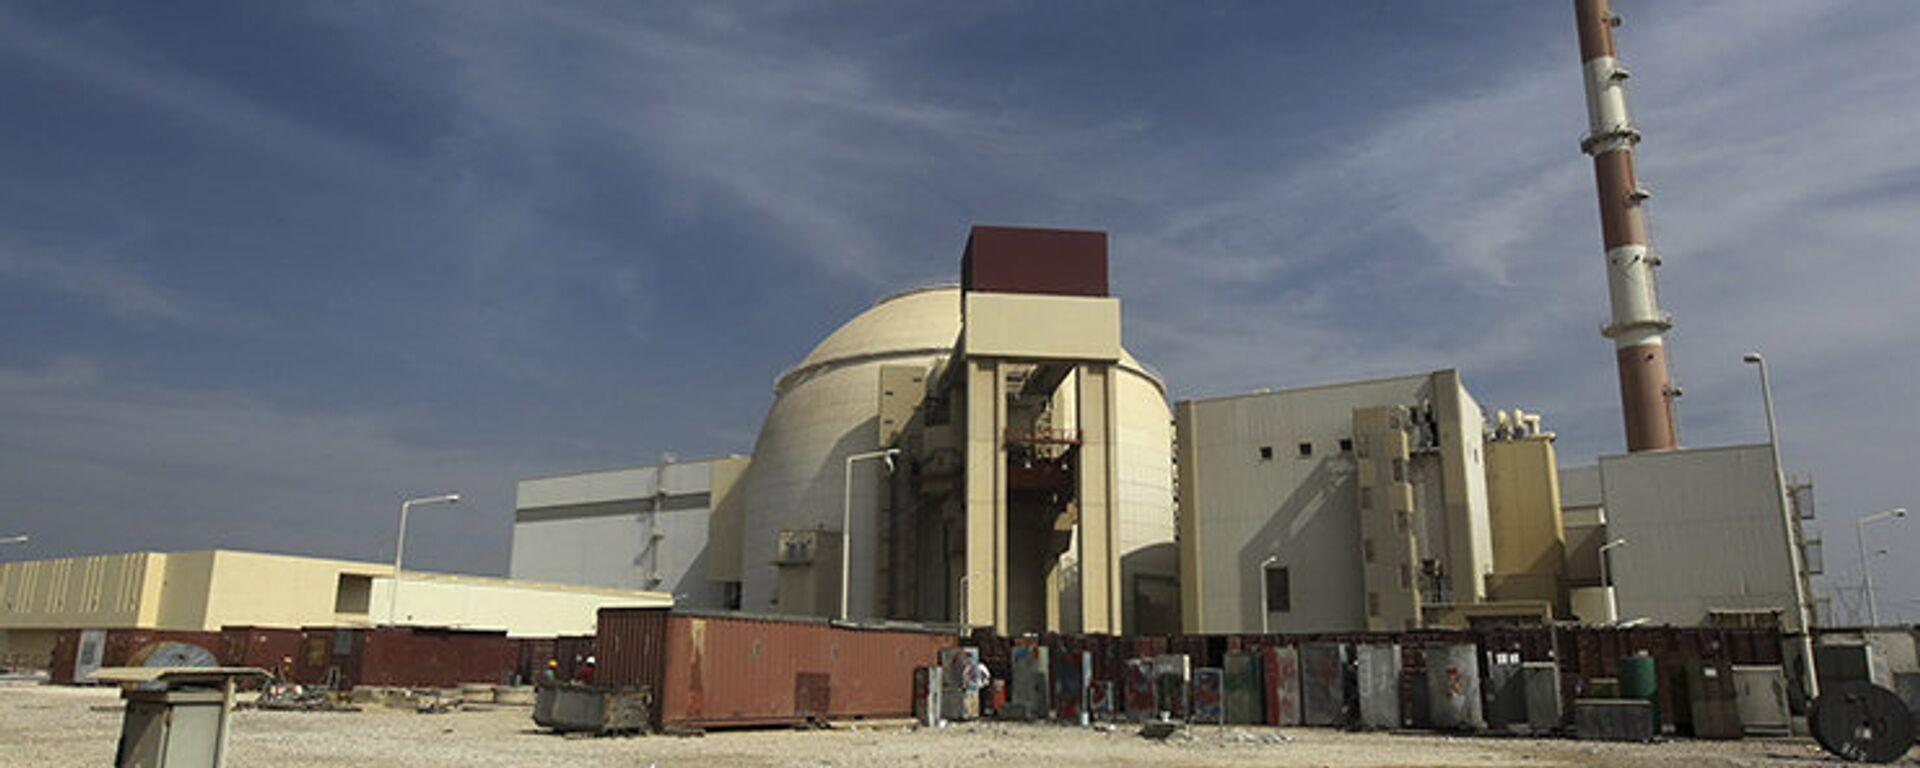 Centrale de Bouchehr: l'Iran entame la construction de deux réacteurs - Sputnik France, 1920, 22.09.2021